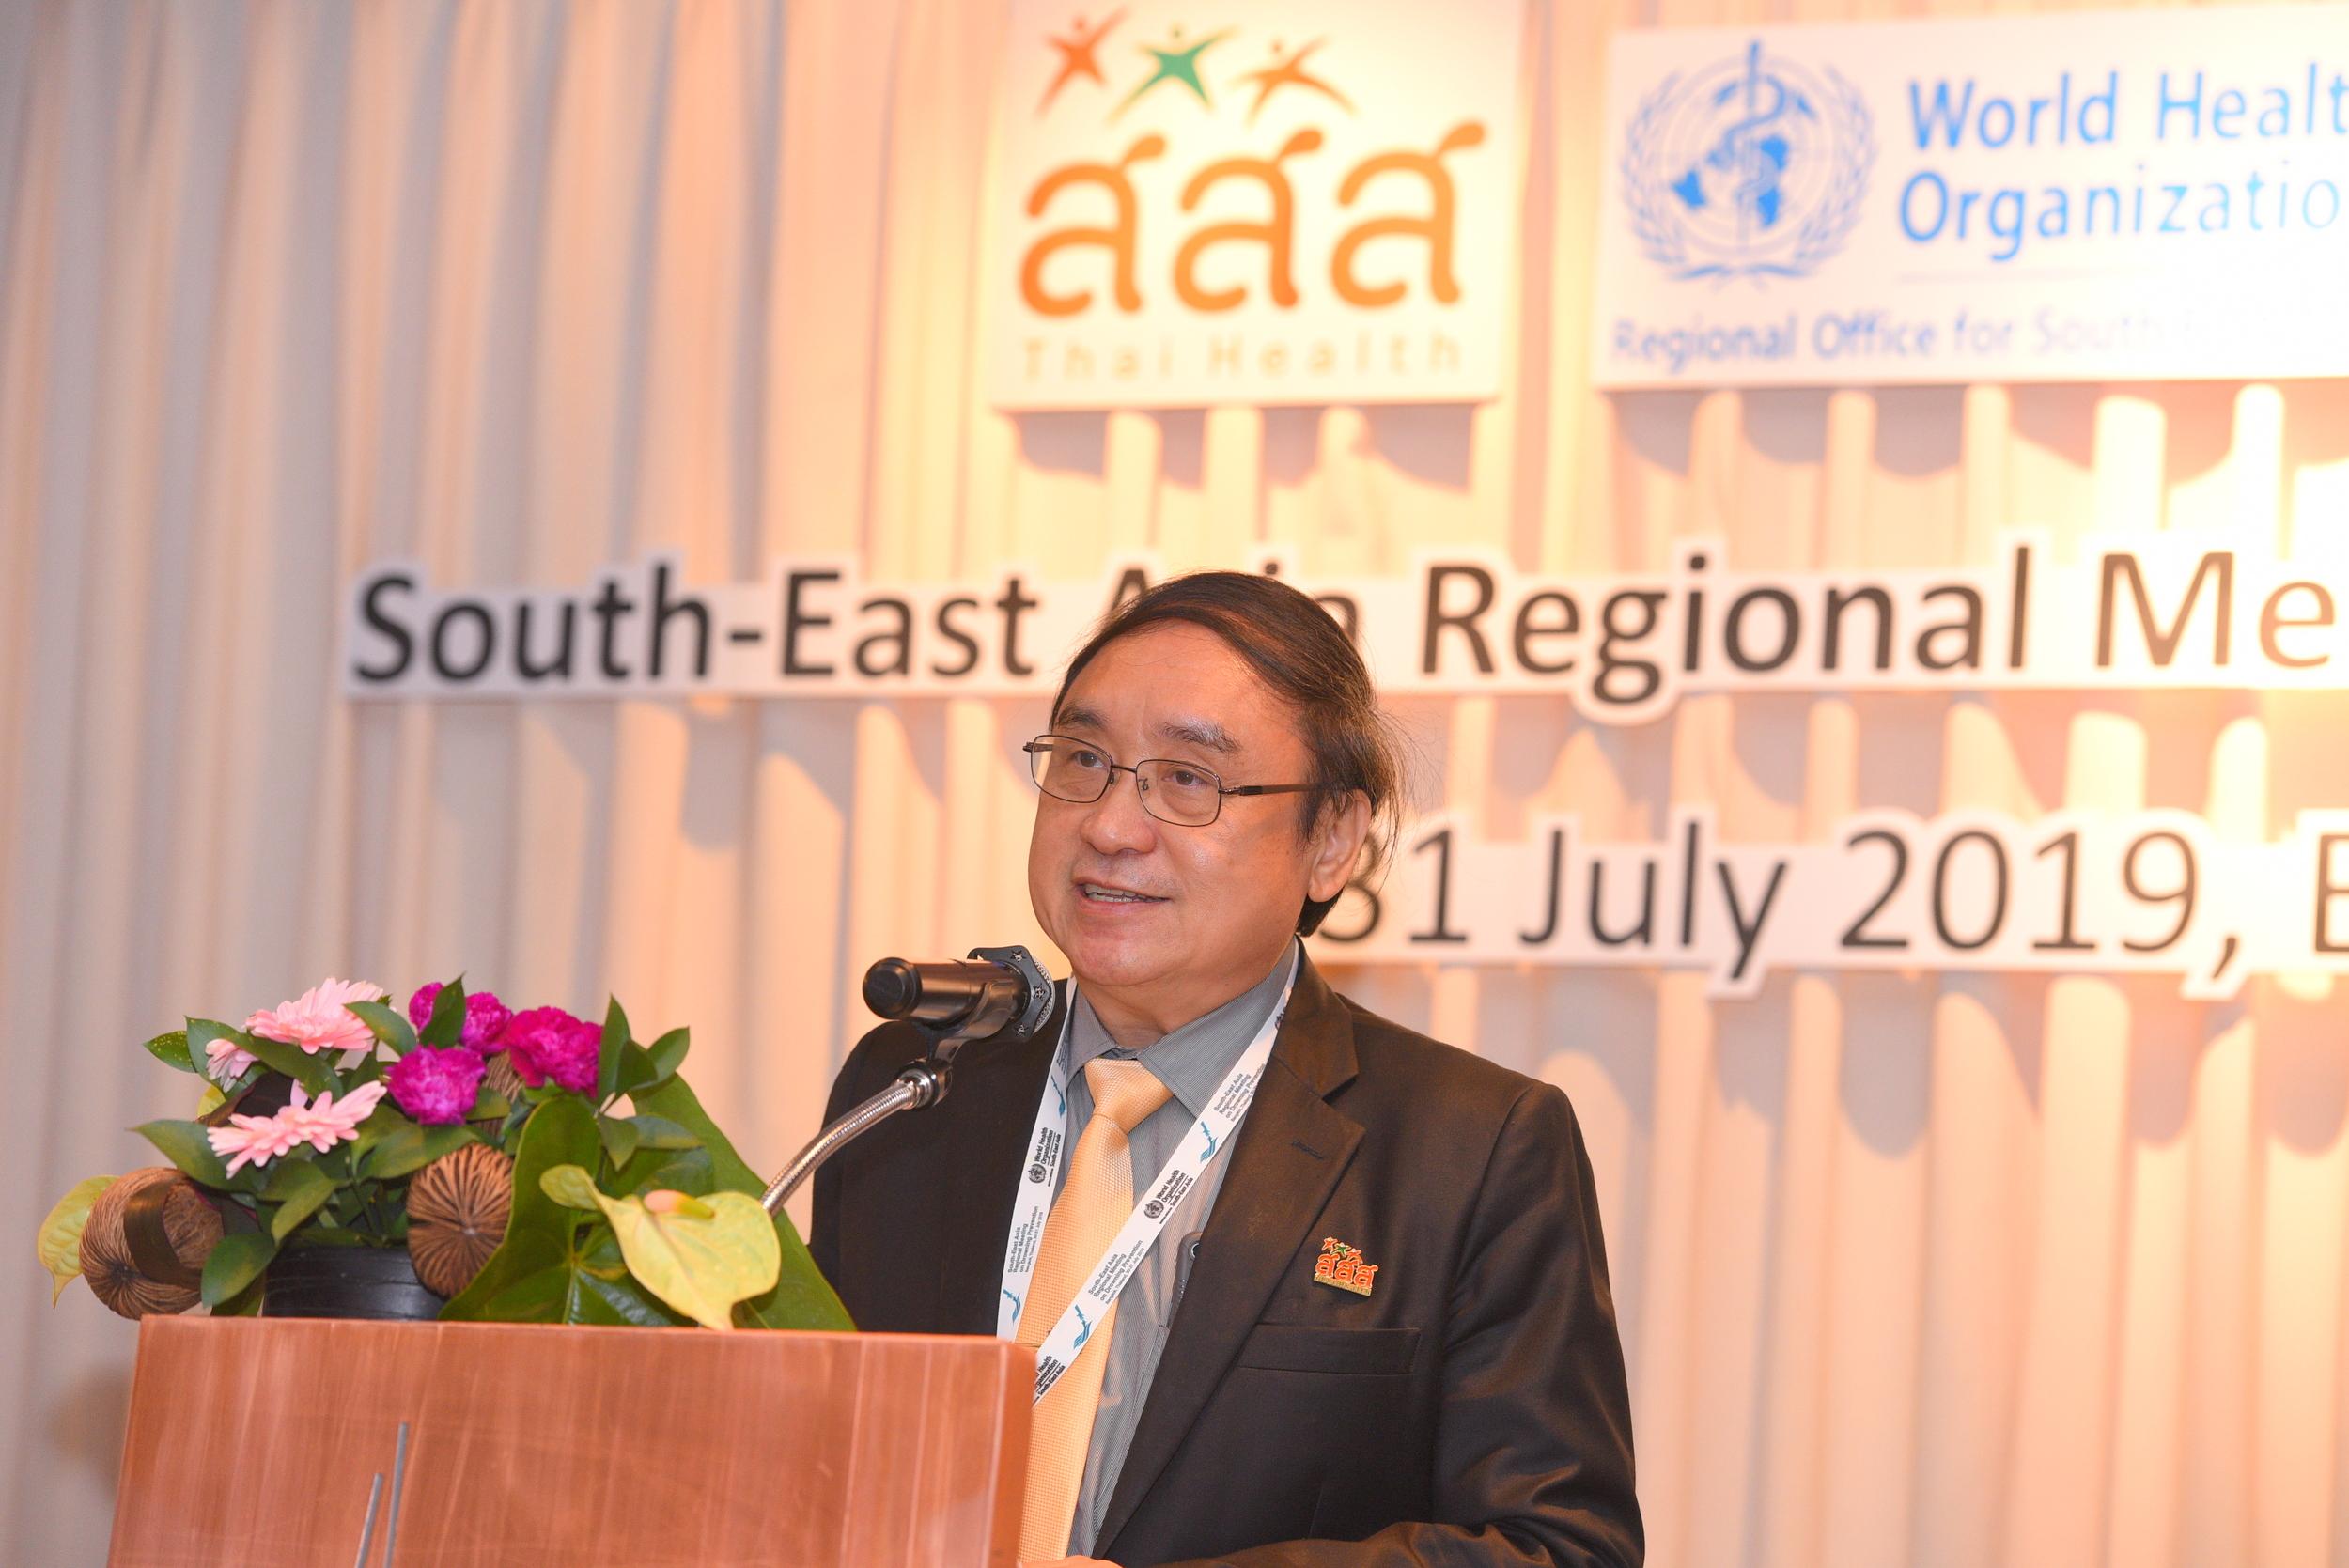 WHO ดึงภาคี เปิดเวที ป้องภัยจมน้ำระดับโลก thaihealth